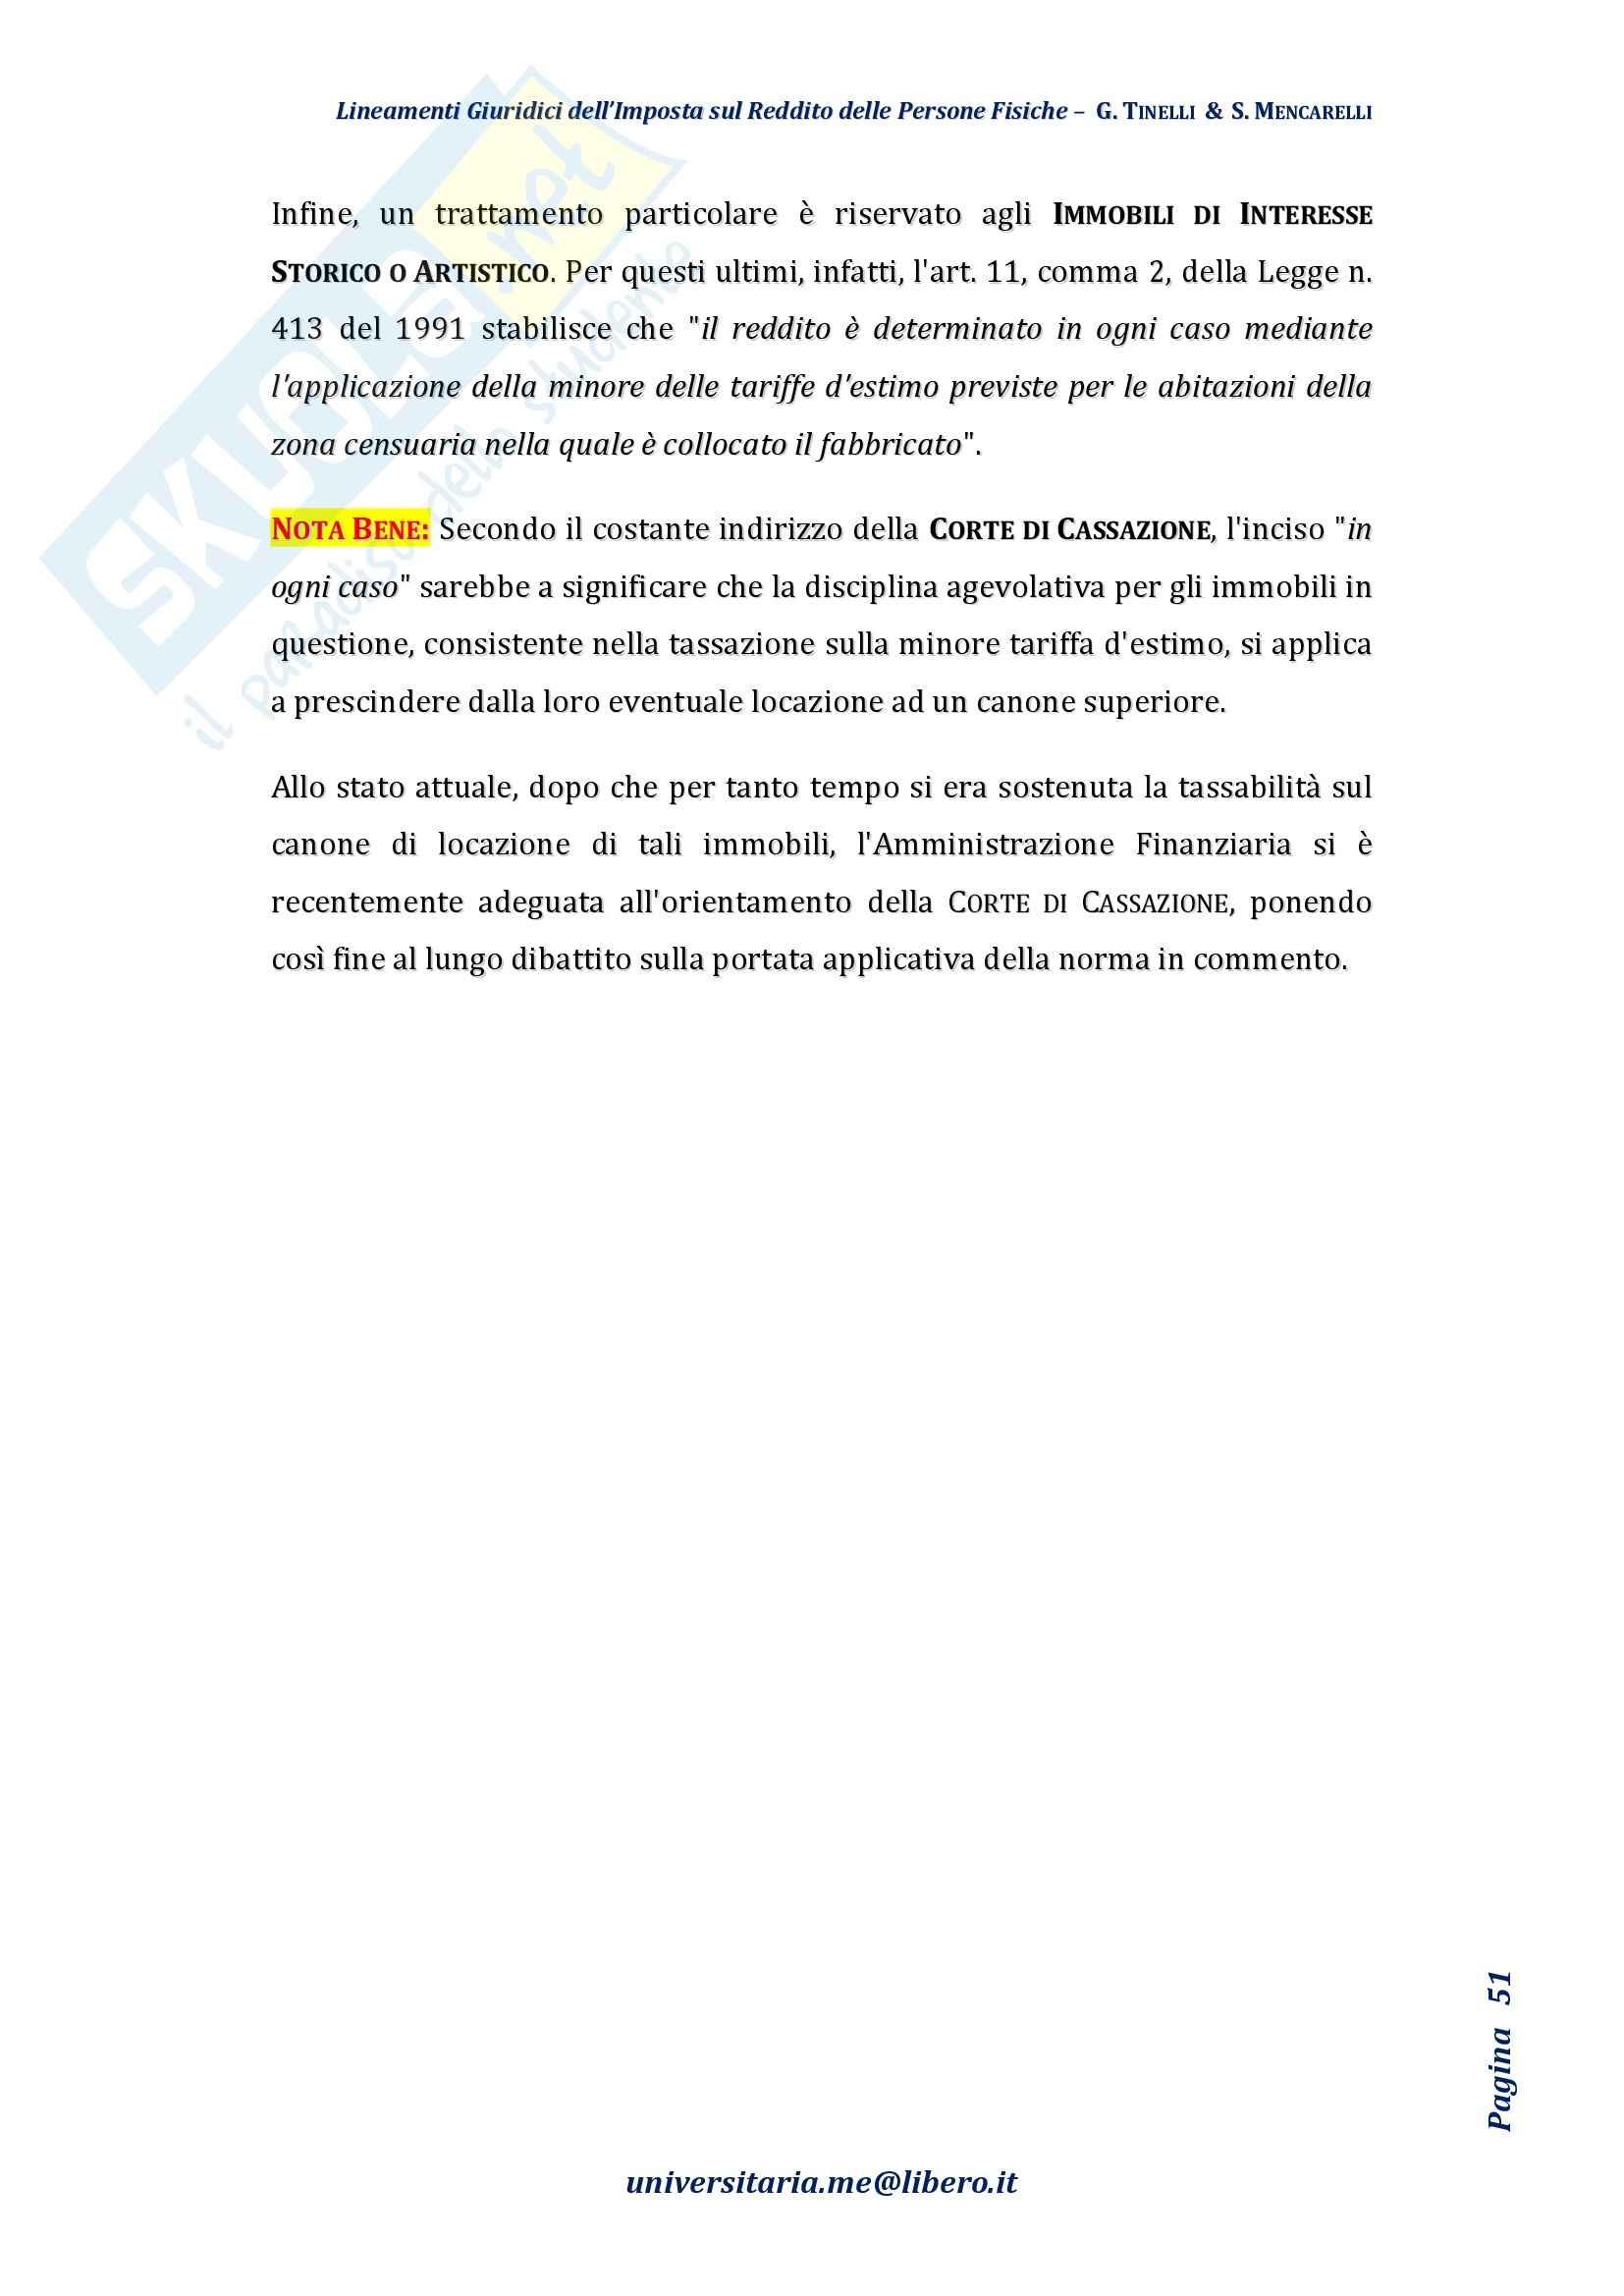 Riassunto esame Diritto Tributario, Prof. Tinelli, libro consigliato: Lineamenti giuridici dell'imposta sul reddito delle persone fisiche, Tinelli, Mencarelli Pag. 51